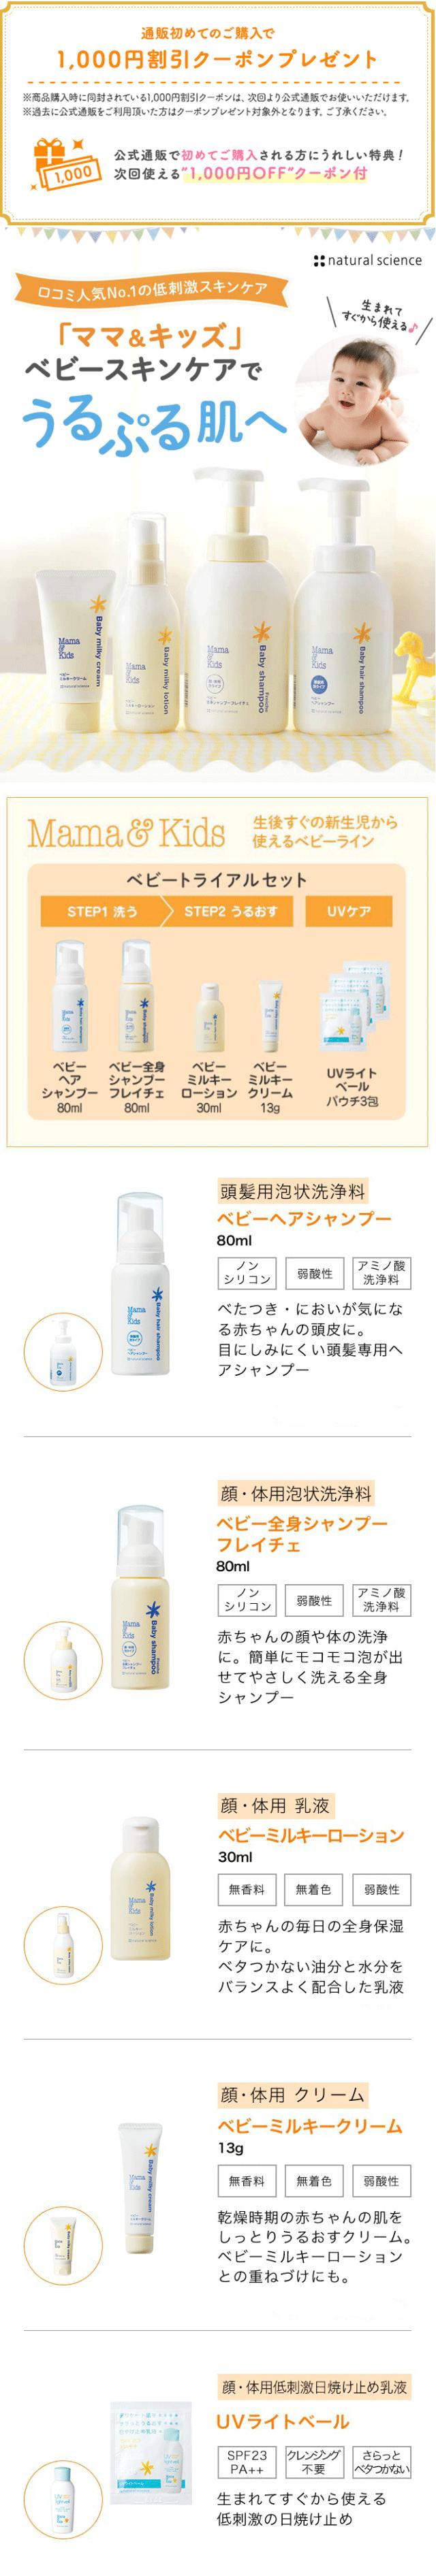 【1,000円OFFクーポンプレゼント】ママ&キッズのベビークリーム♪